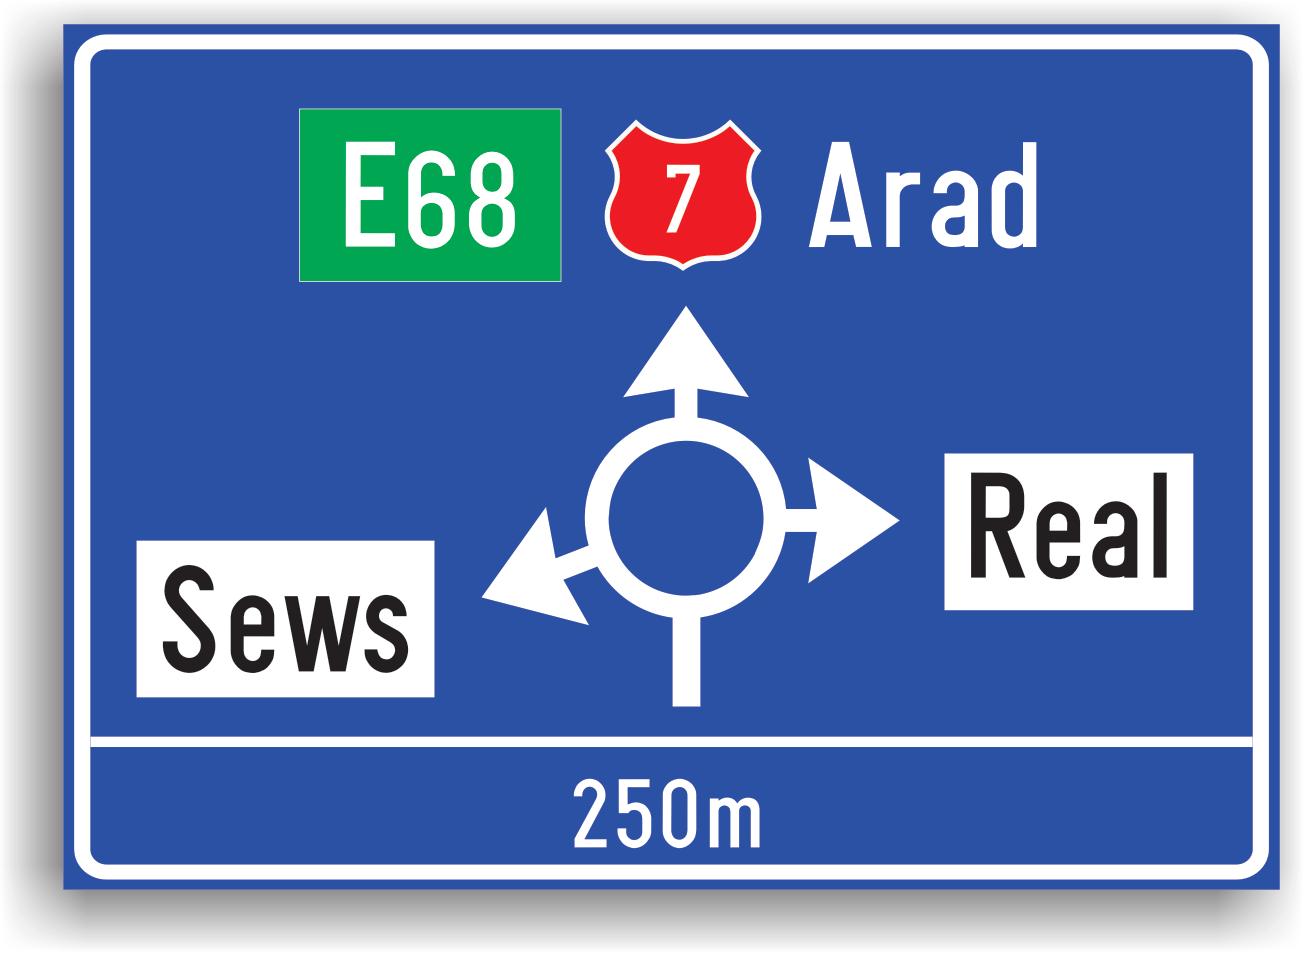 Se monteaza in afara localitatilor, la 100-200 m de o intersectie cu sens giratoriu. Are rolul de a informa conducatorul auto asupra diferitelor trasee.